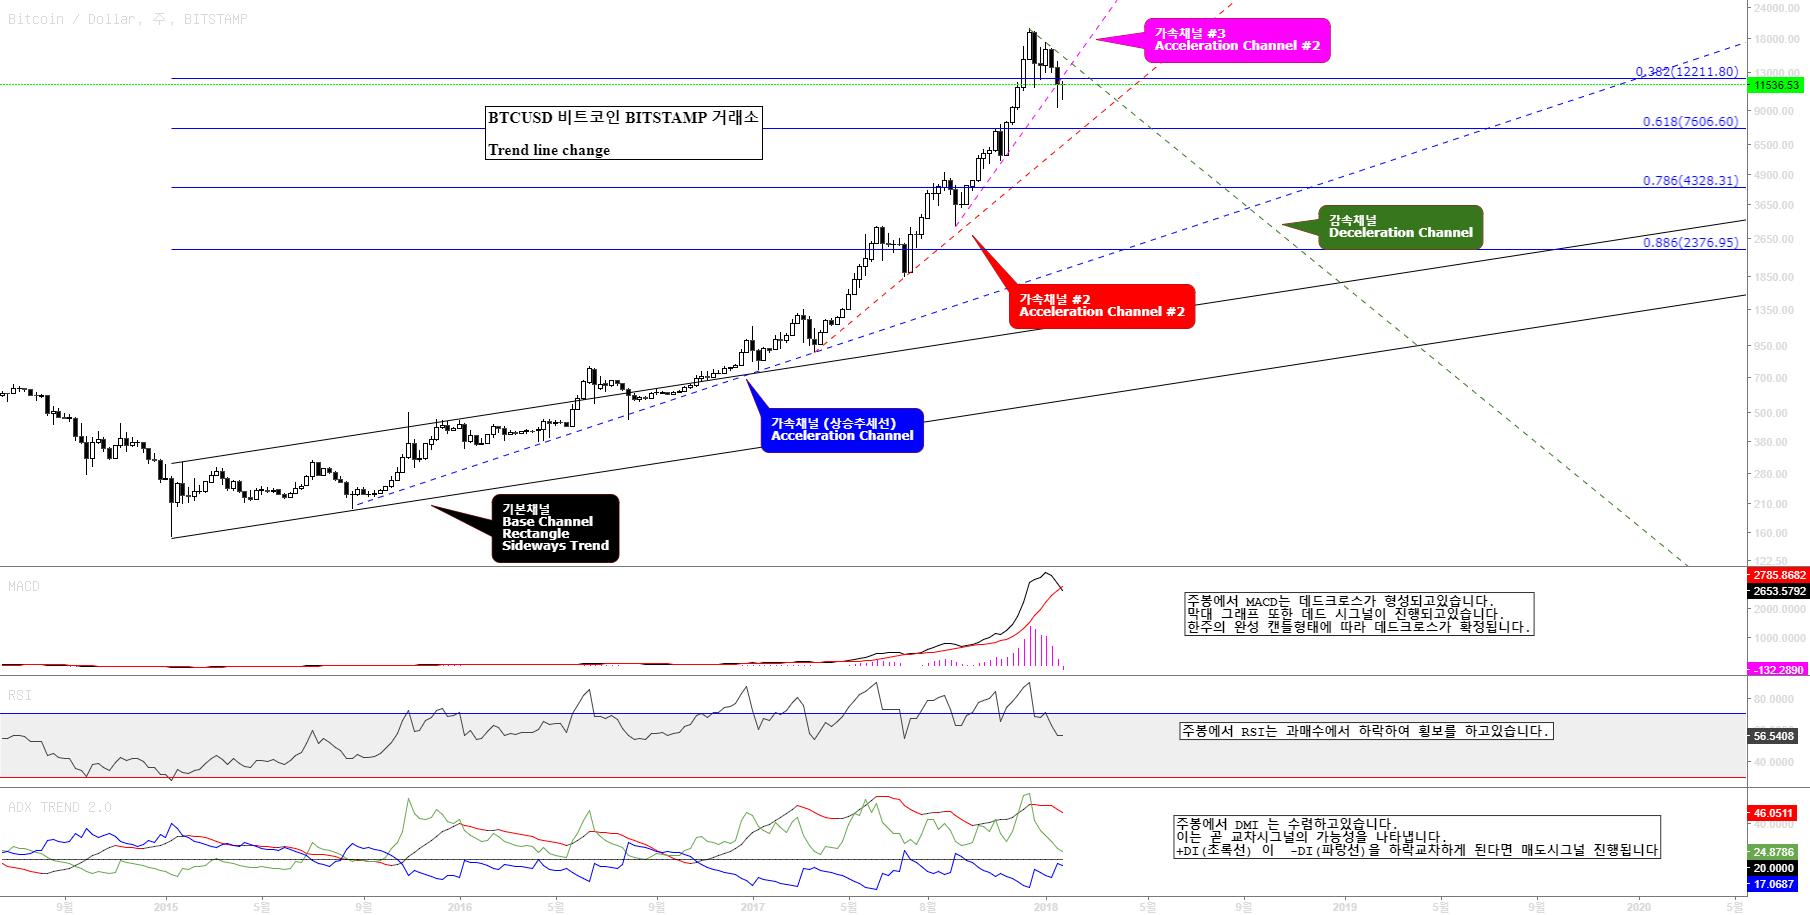 BTCUSD / Bitcoin / 비트코인  주봉차트 보조지표 및 추세선 분석 (방심은 금물)